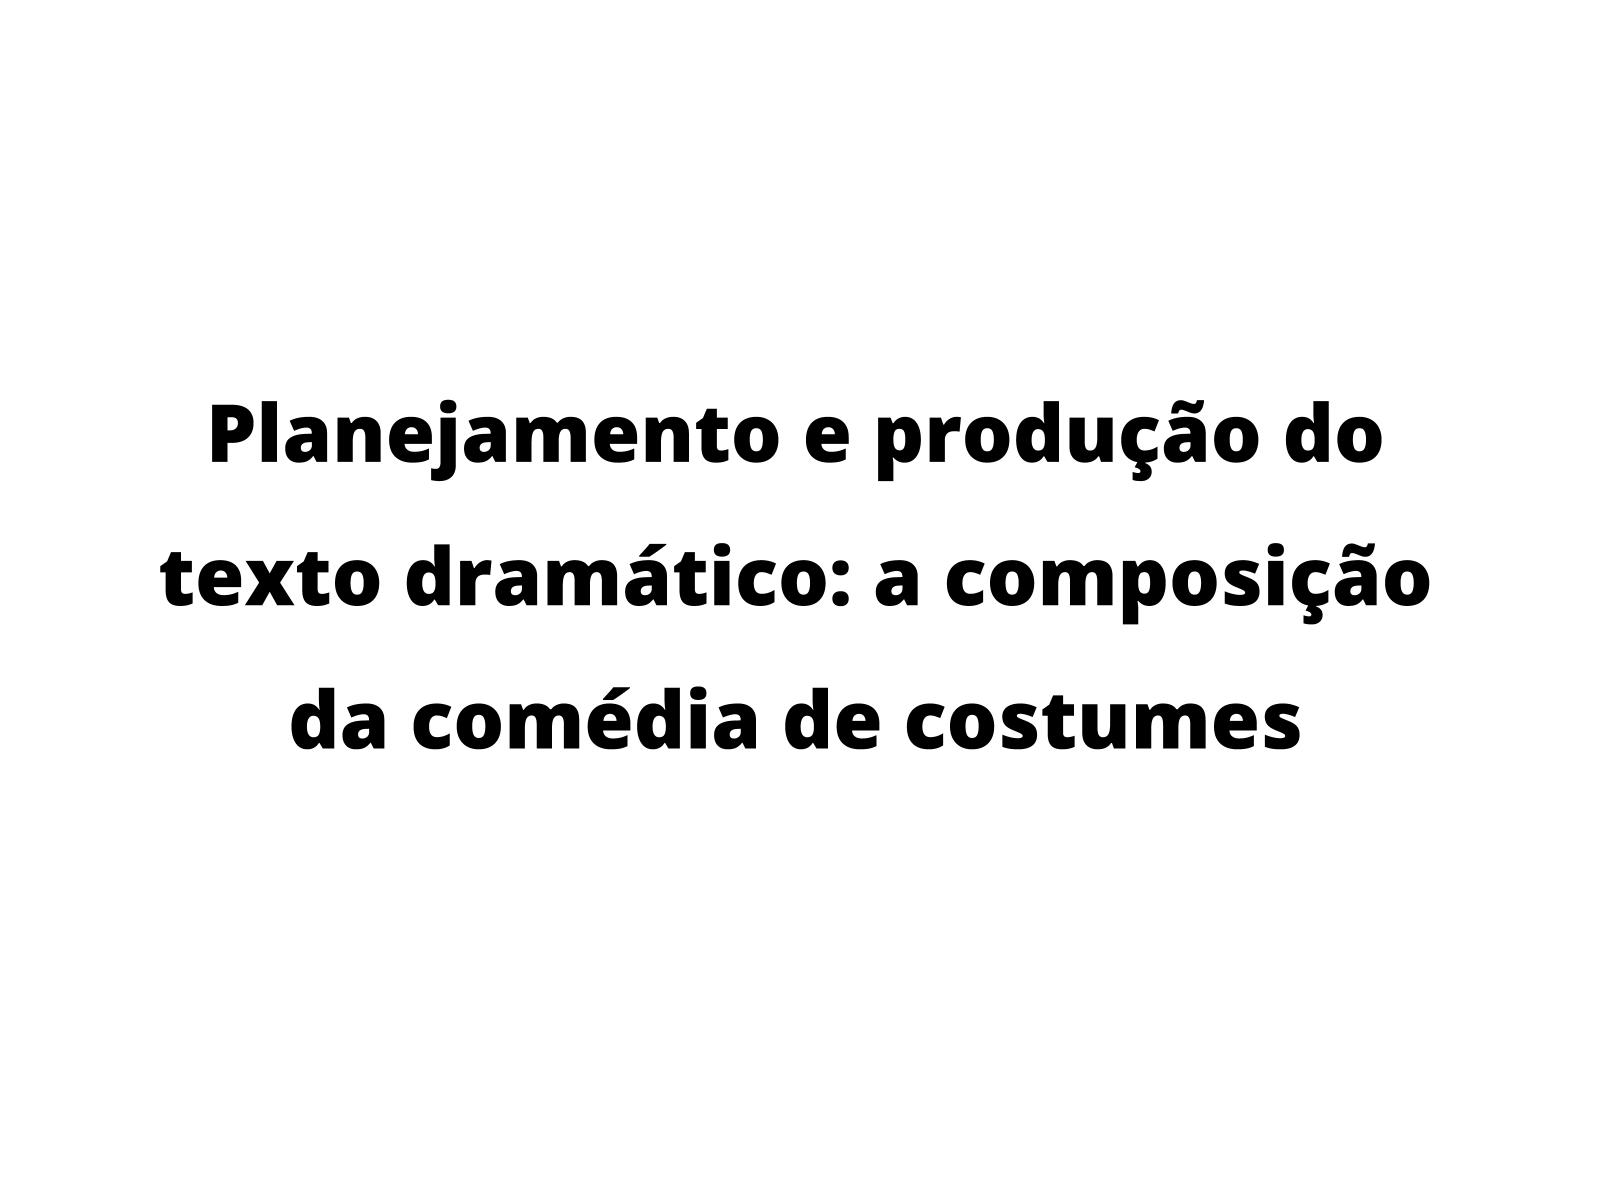 Planejamento e produção do texto dramático: a composição da comédia de costumes